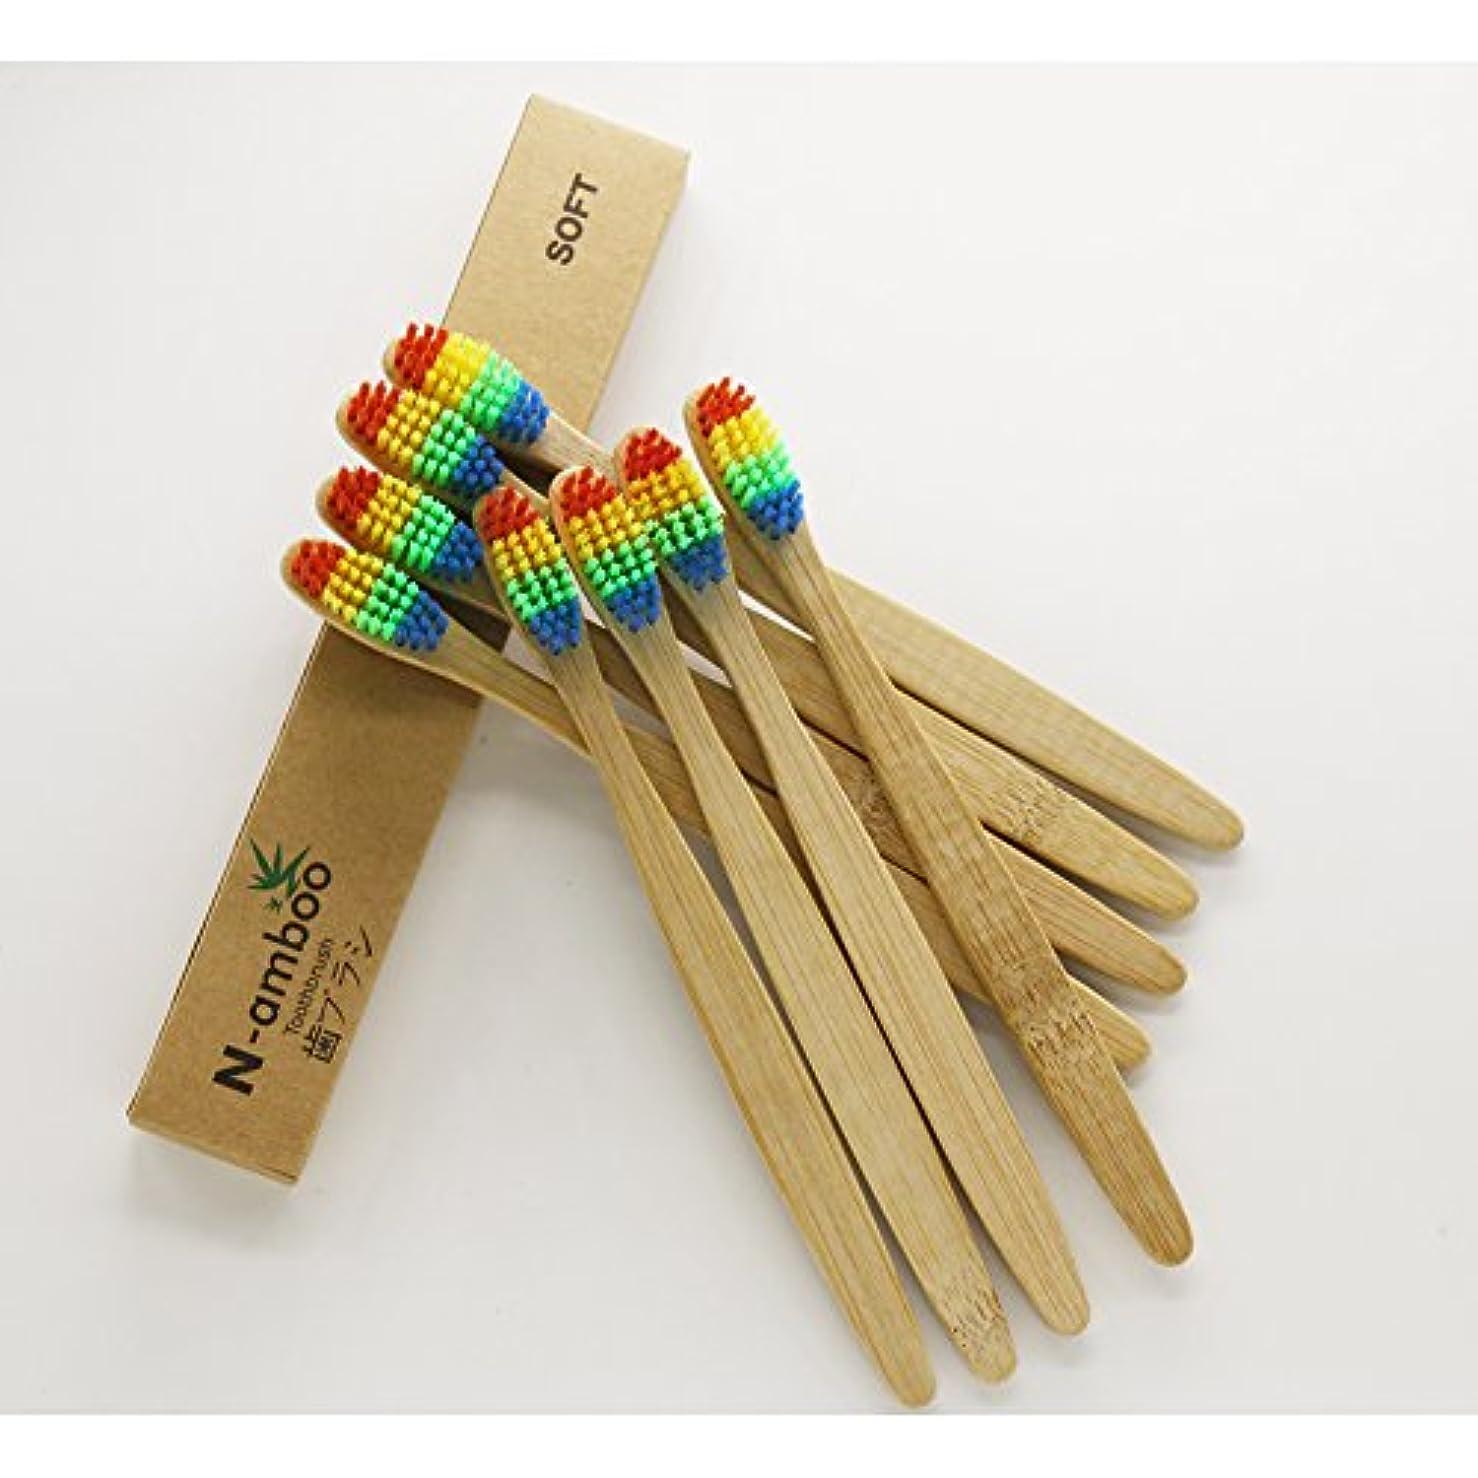 ハウジング理解する備品N-amboo 竹製 耐久度高い 歯ブラシ 四色 虹(にじ) 8本入り ファミリー セット